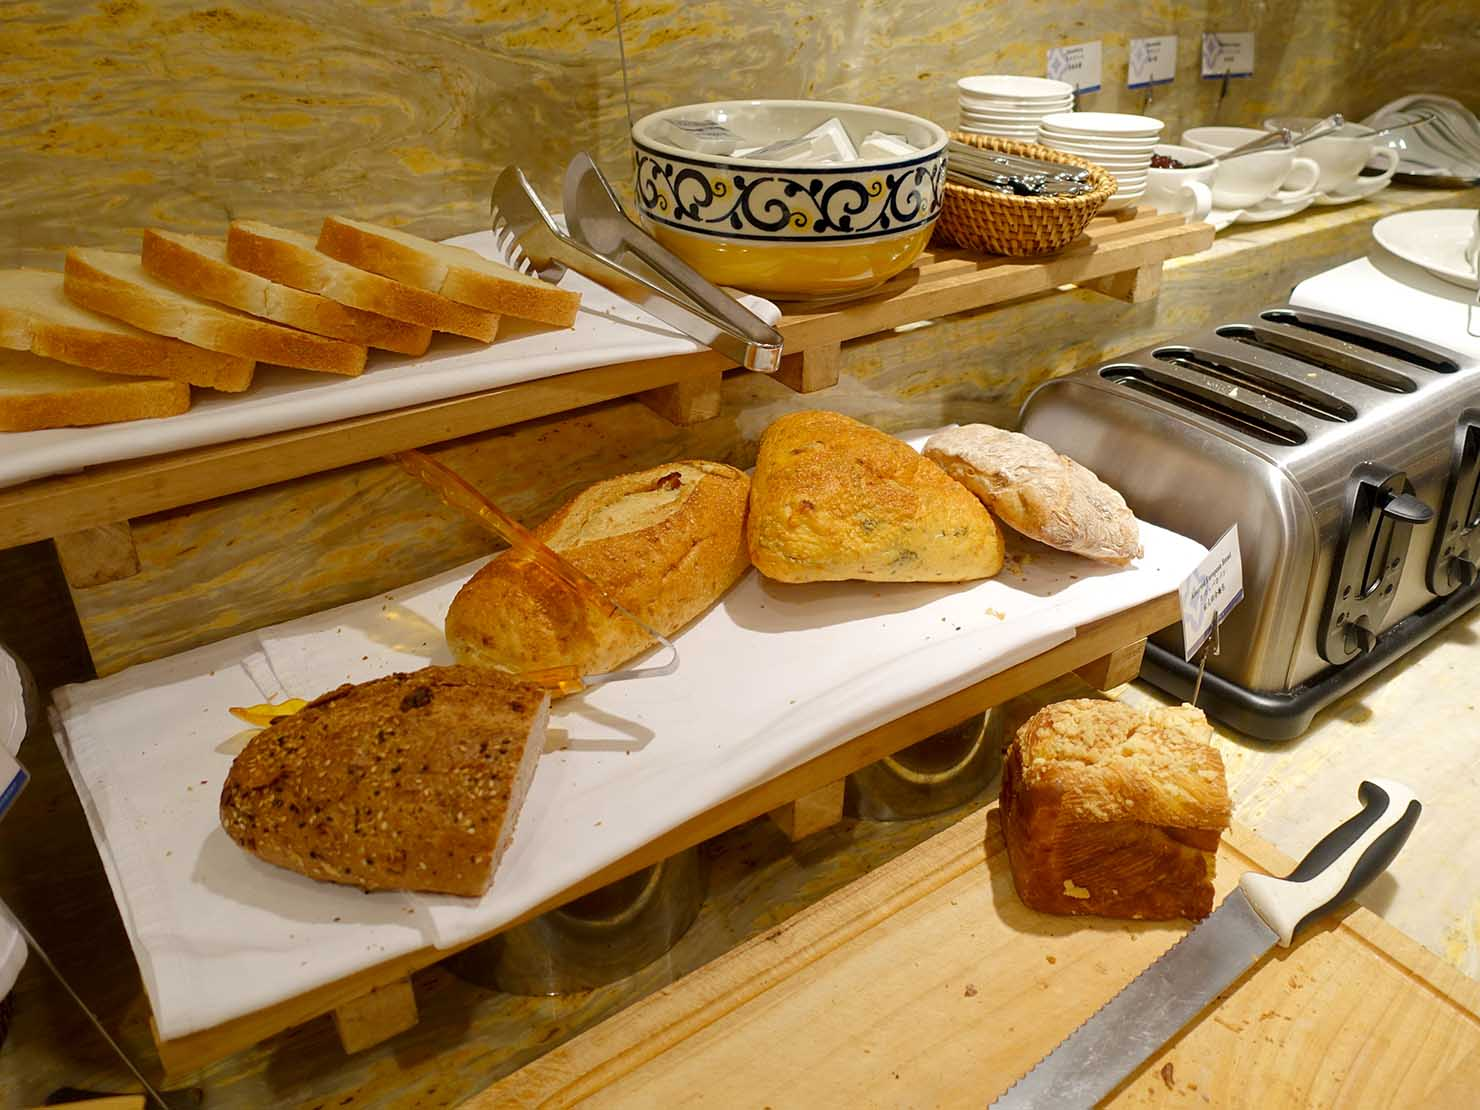 台北のおすすめ4つ星ホテル「歐華酒店(リビエラホテル)」のビュッフェモーニング(パン)